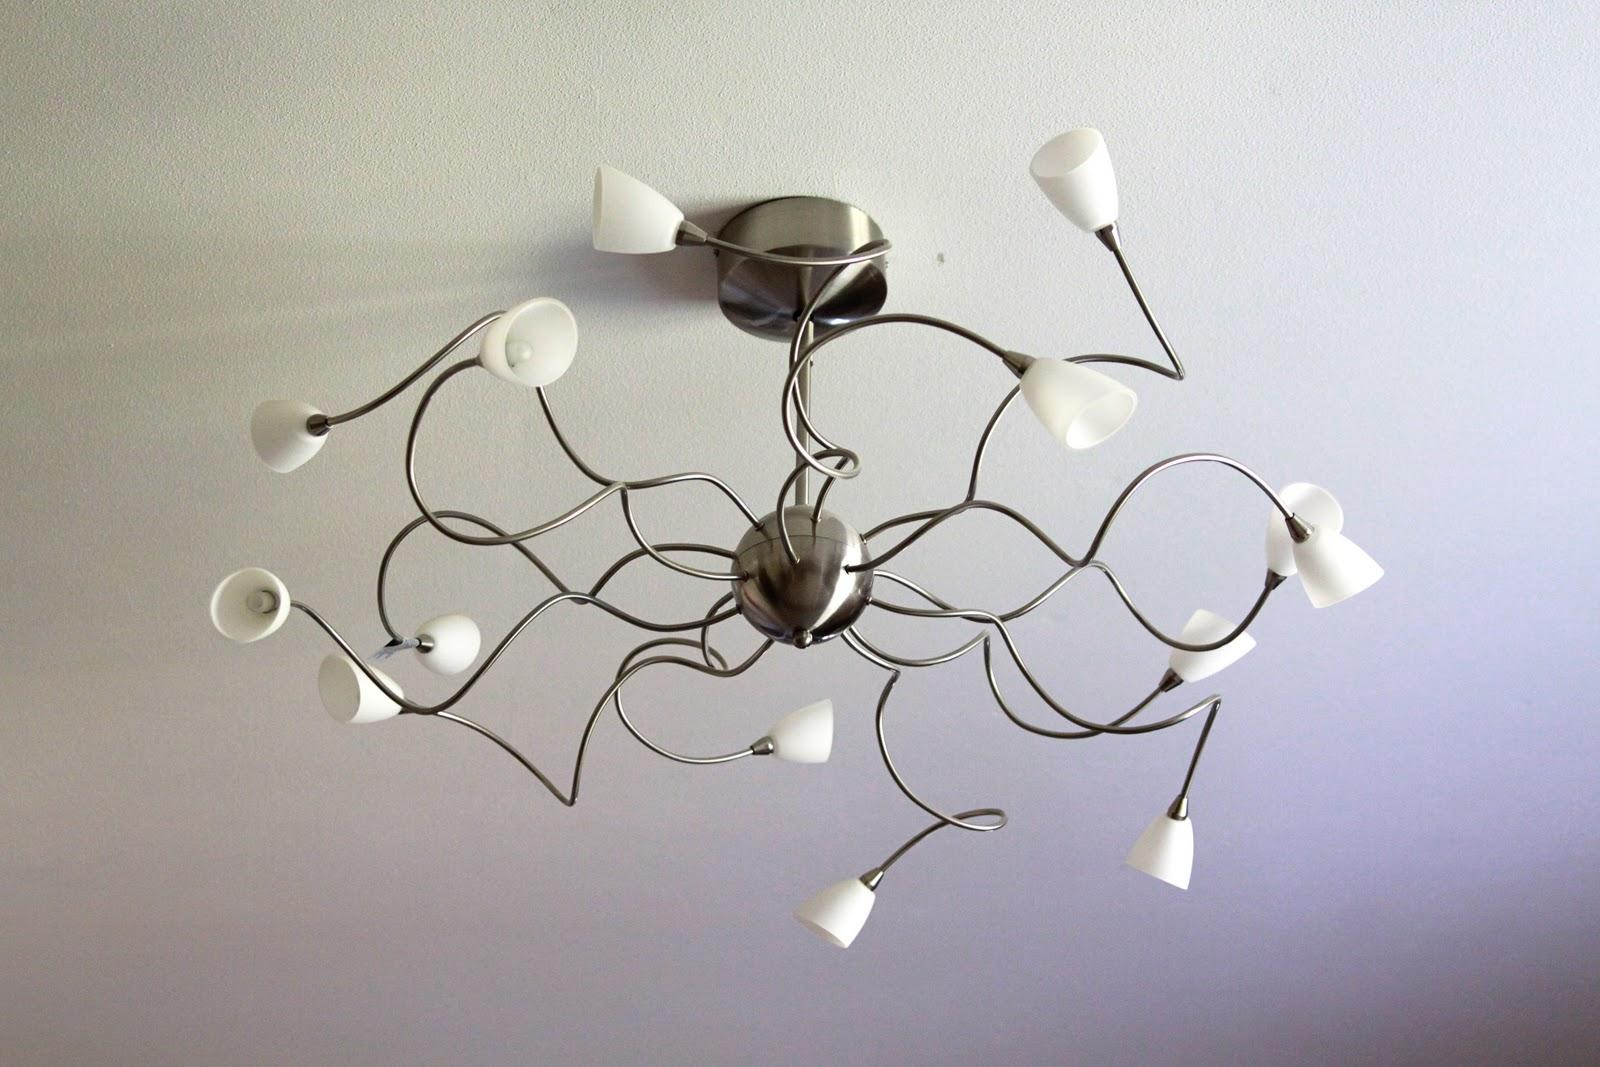 For bonner or for worse medusa for Medusa light fixture